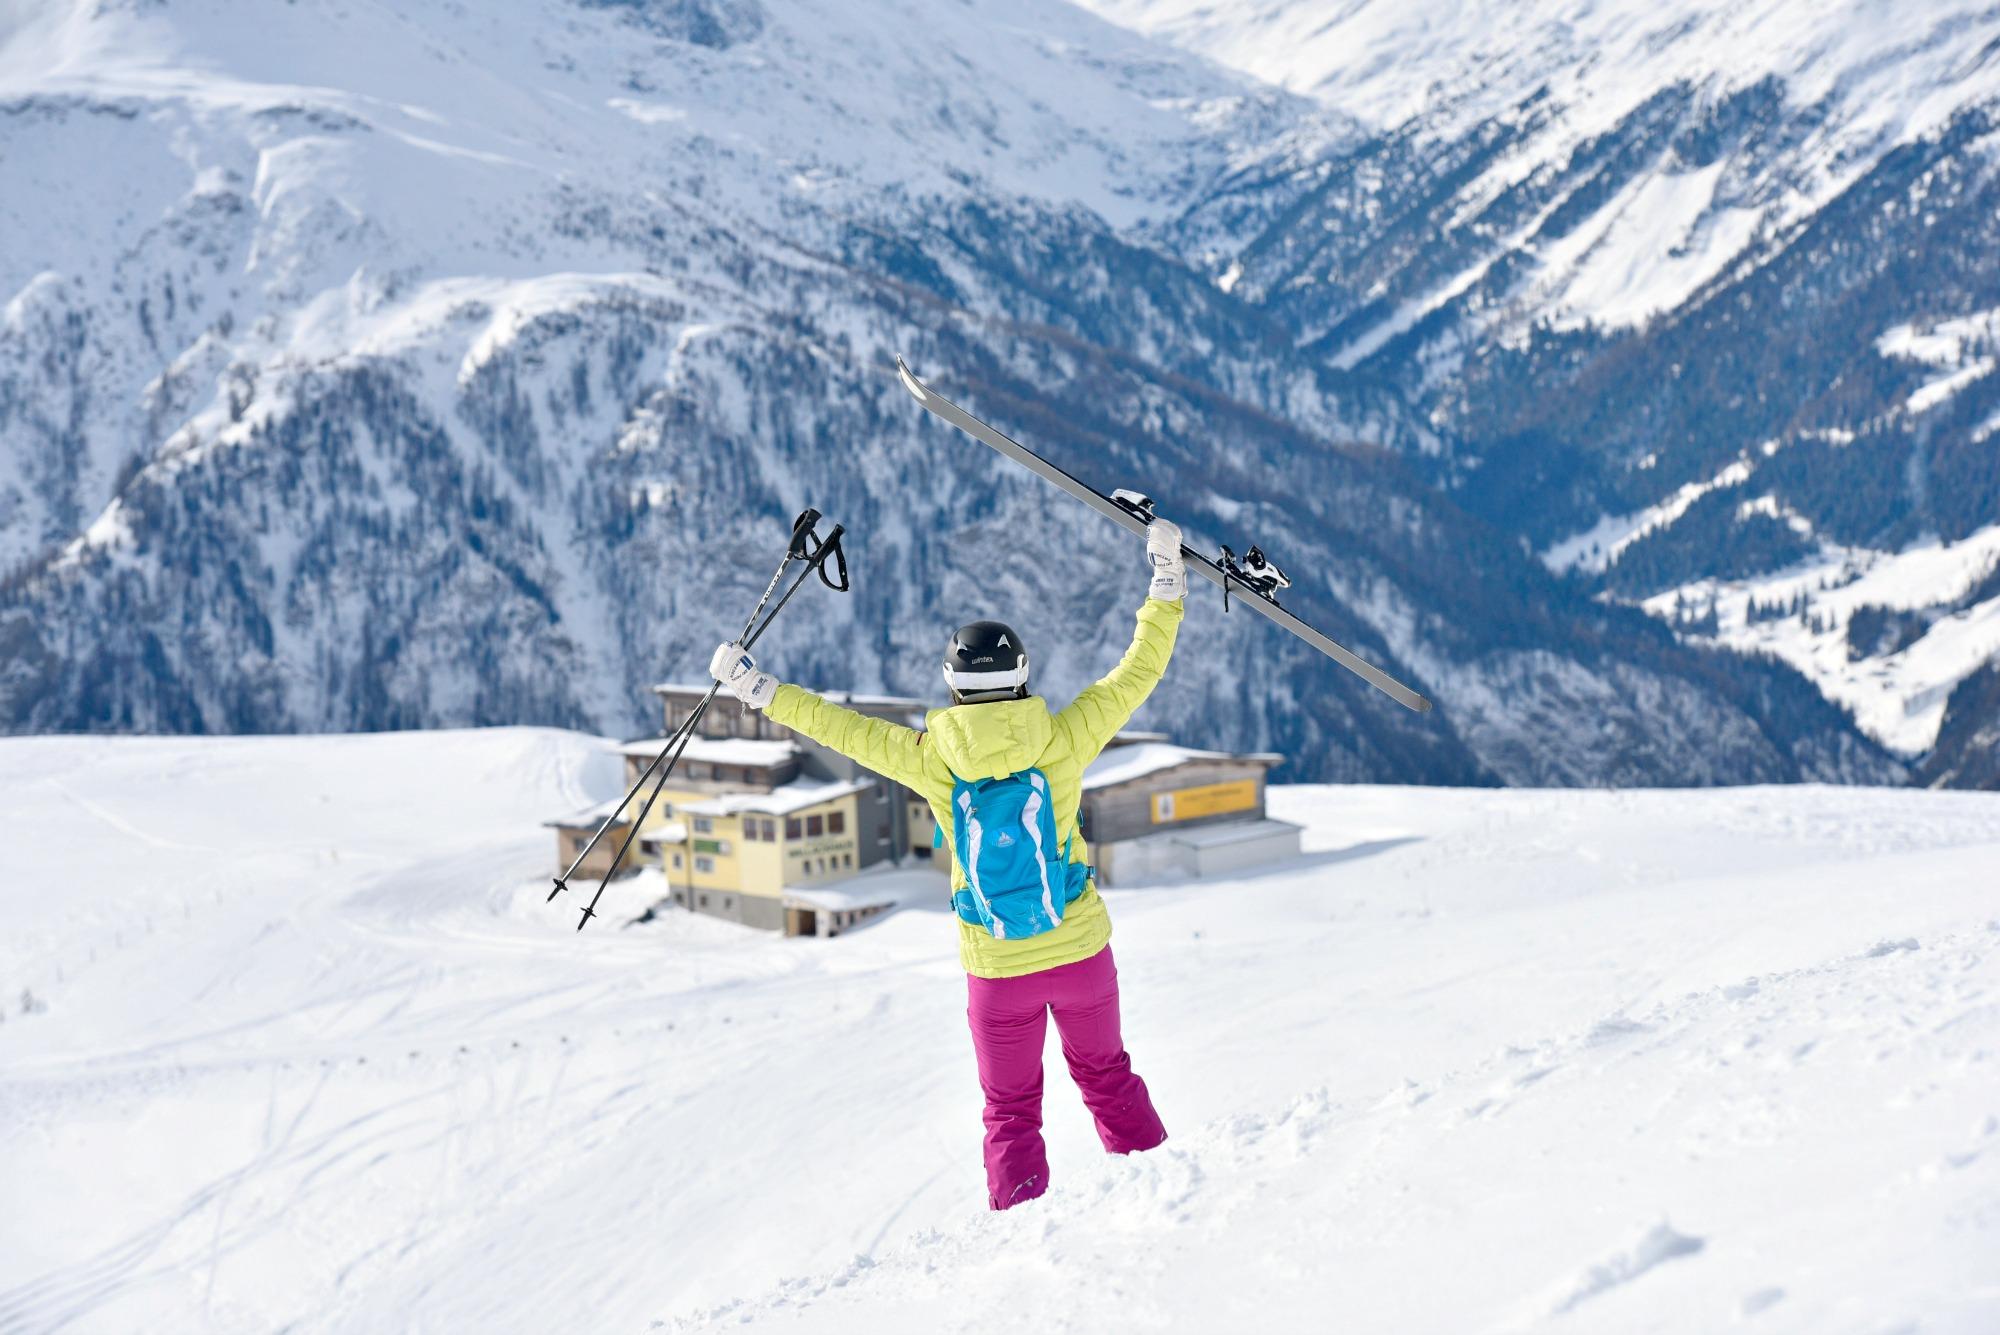 Fitnessblog-kästle-ski-klara-fuchs-österreich-blogger-sport-winter10